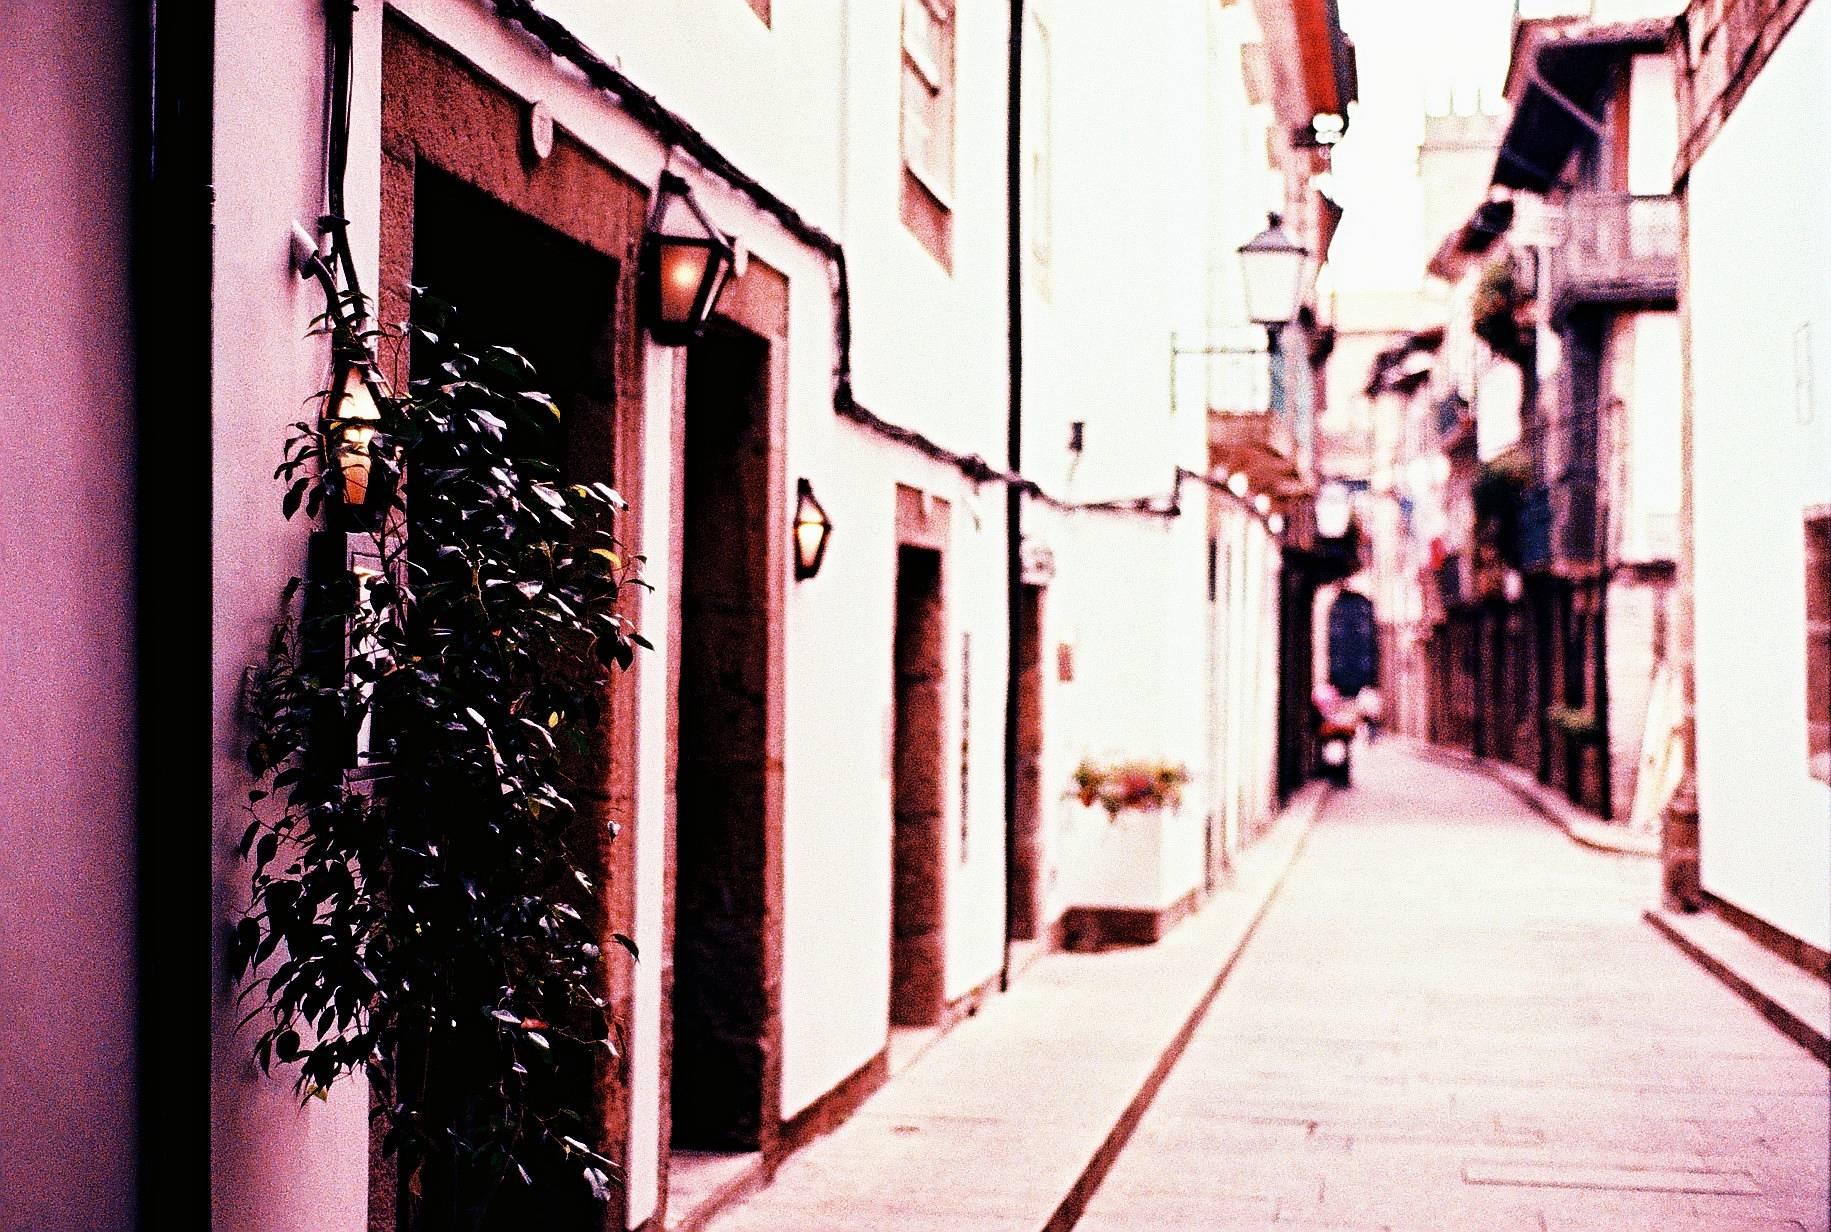 Arte e gastronomia em Portugal - Guimarães